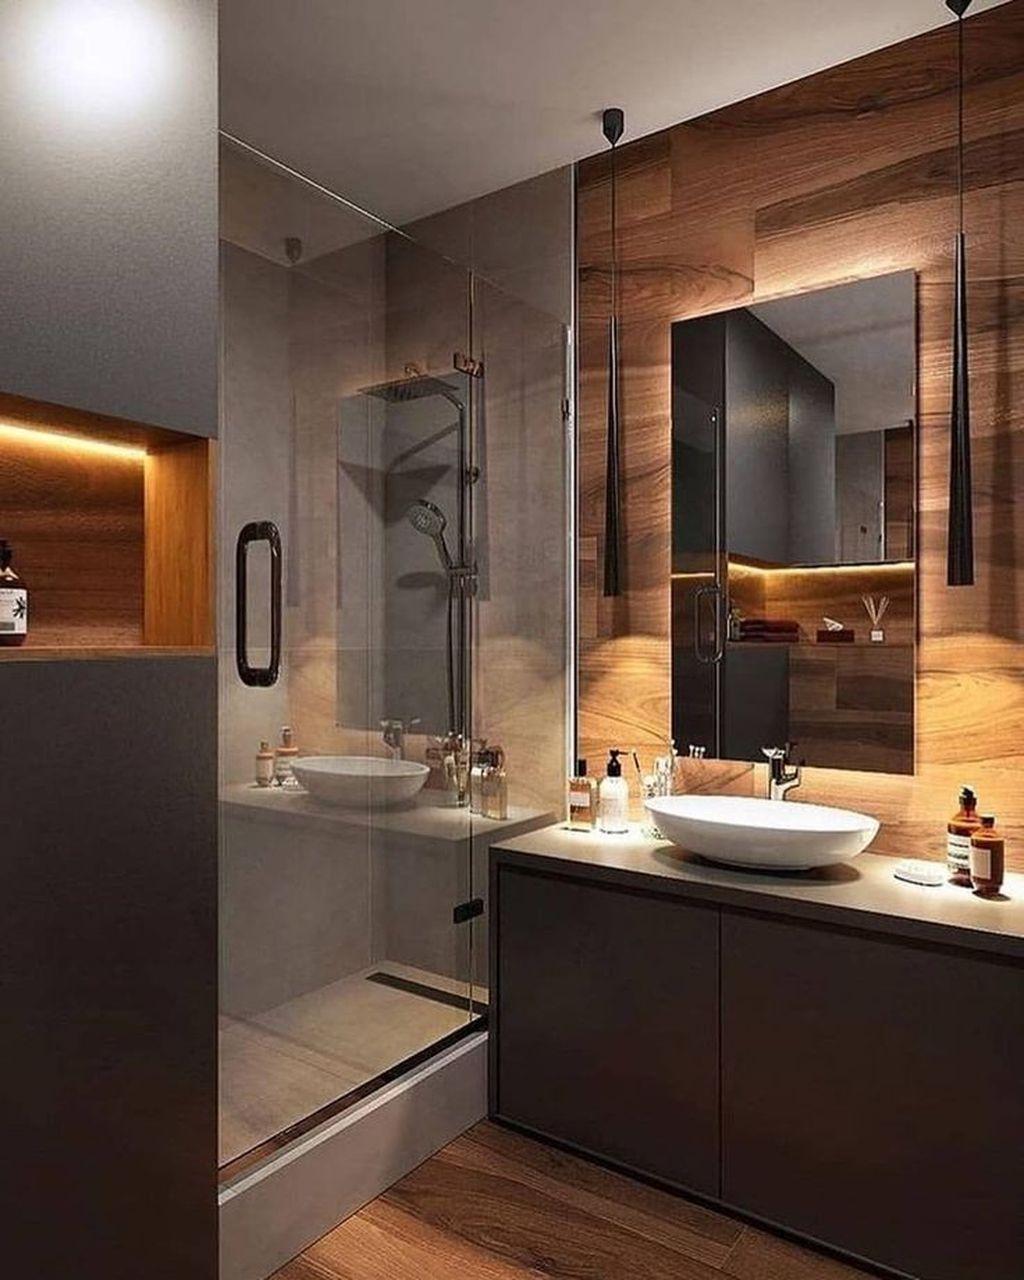 40 Adorable Wooden Bathroom Design Ideas For You Stylish Bathroom Small Bathroom Makeover Bathroom Design Small Online bathroom design tool